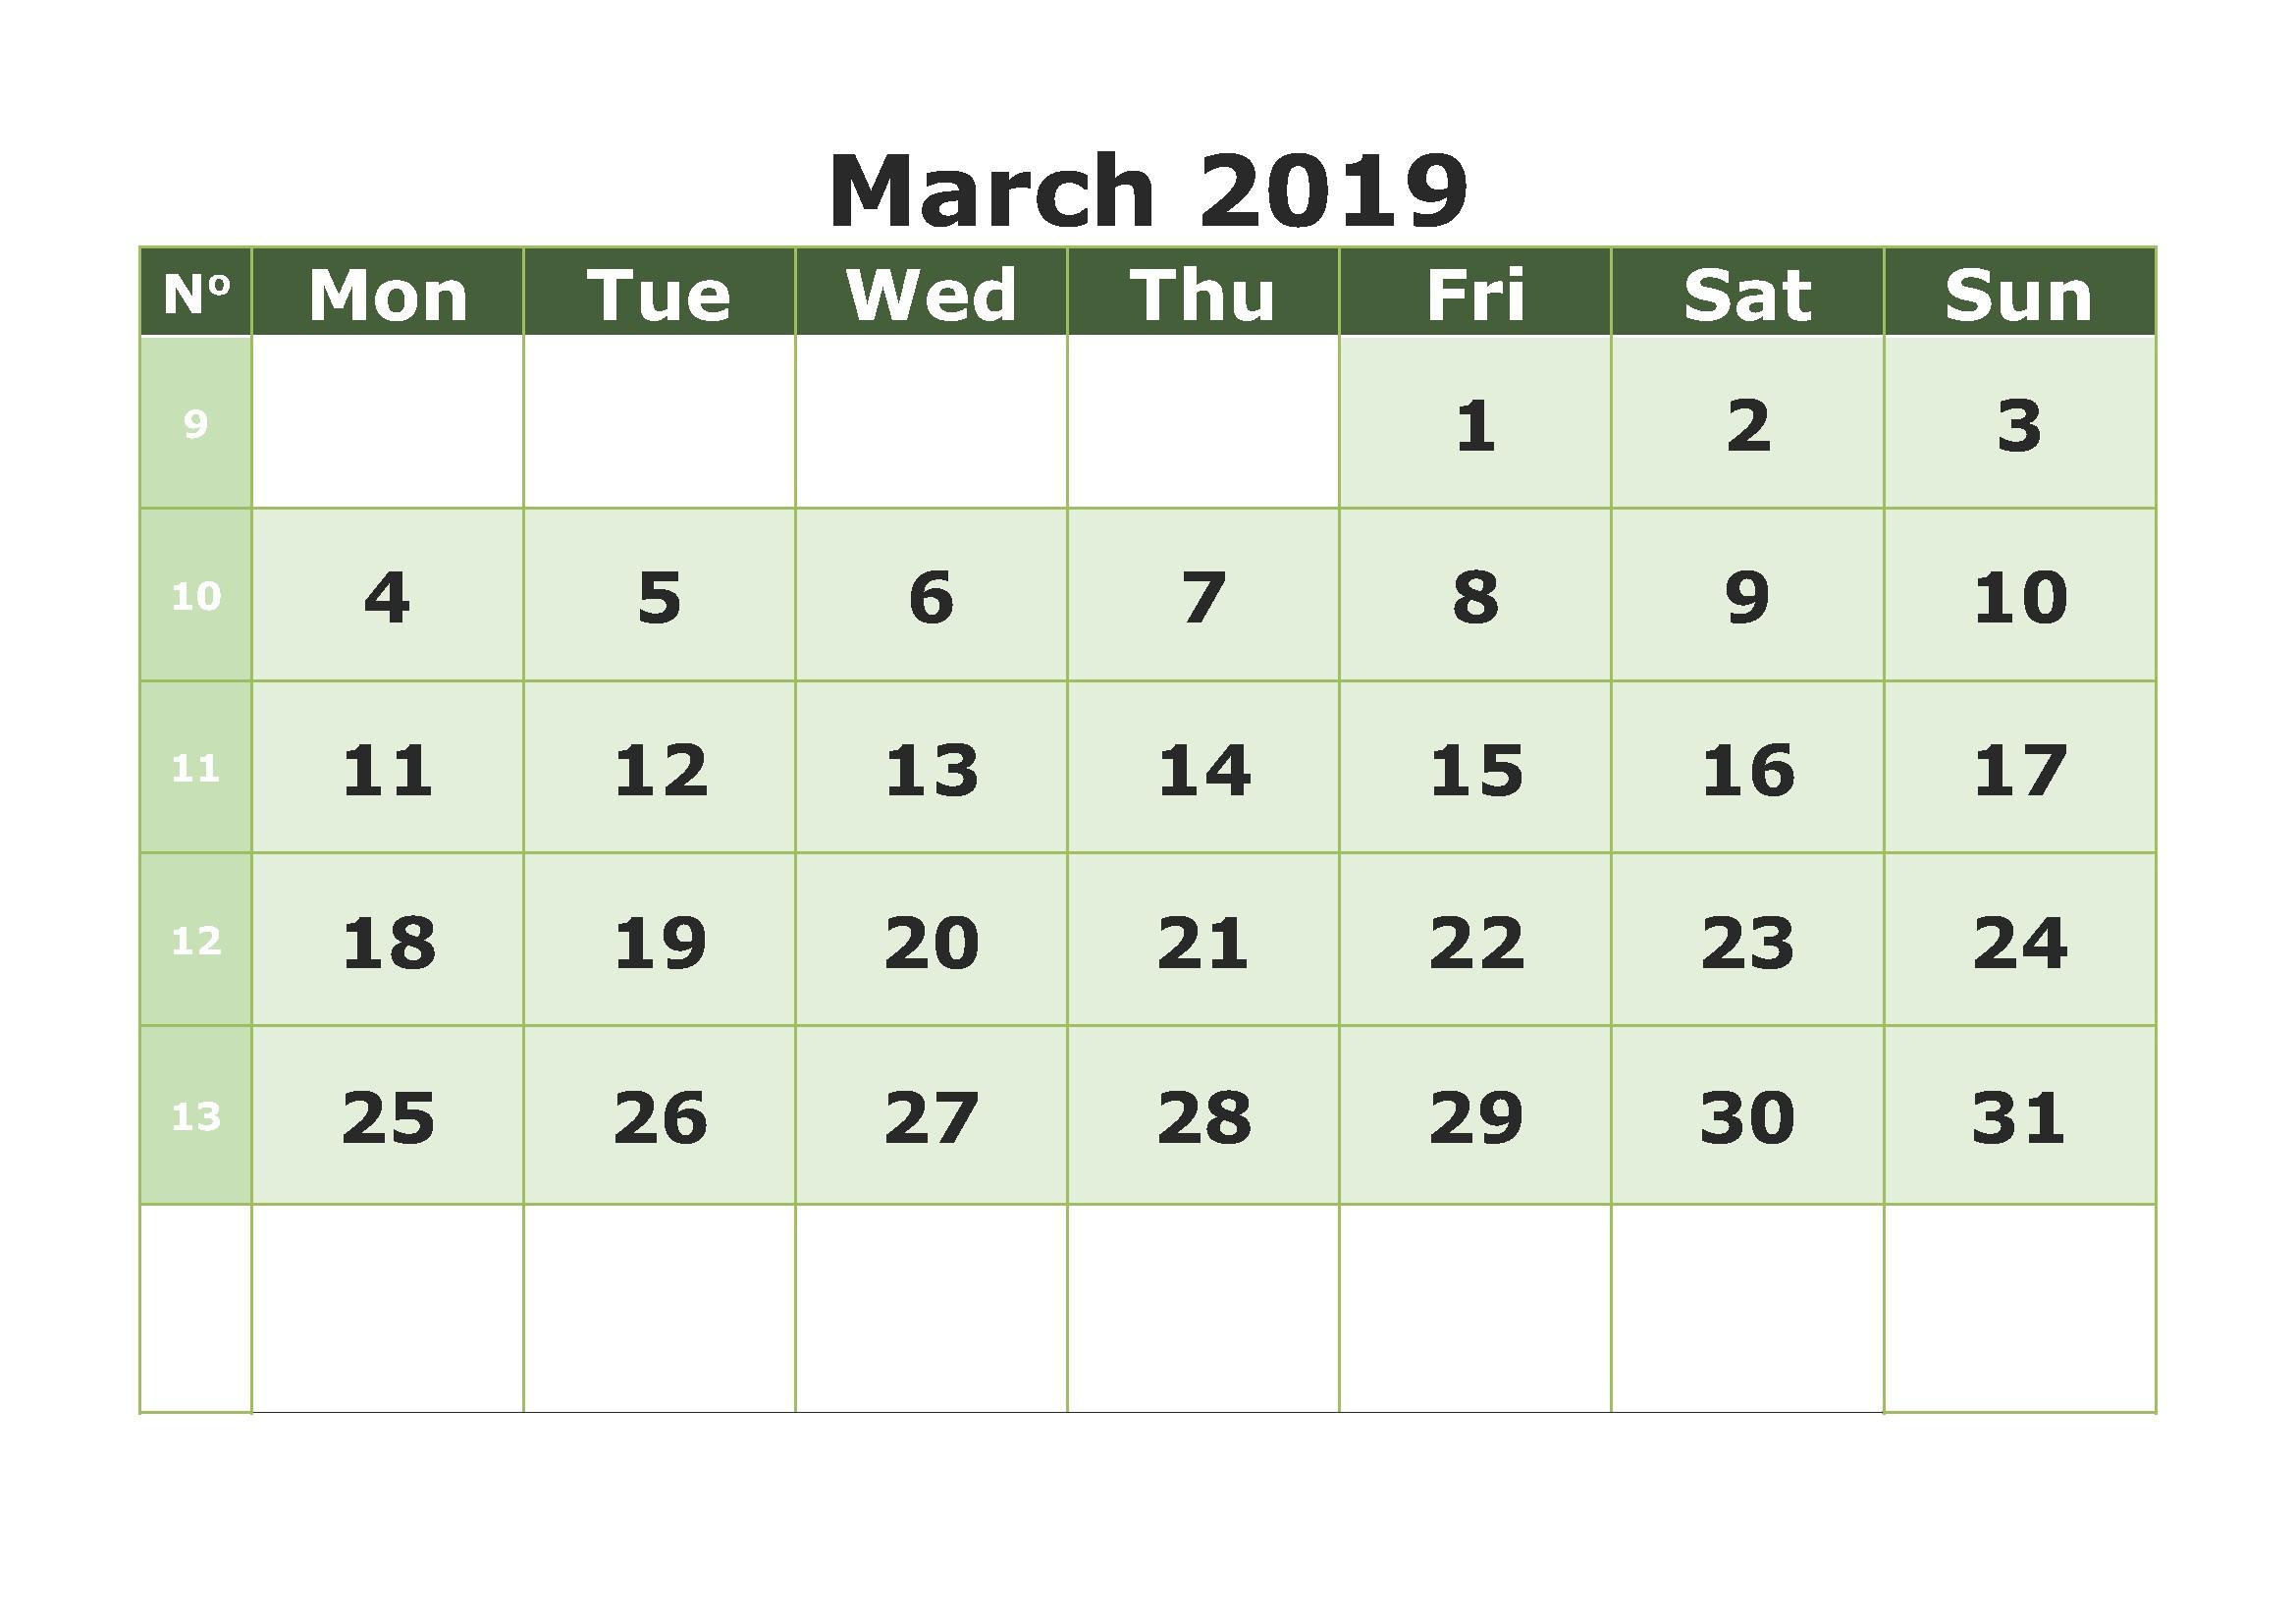 March Holiday Calendar 2019 Más Recientes March 2019 islamic Calendar – March 2019 Calendar Printable Of March Holiday Calendar 2019 Más Caliente Printable March 2019 Calendar Template Holidays Yes Calendars